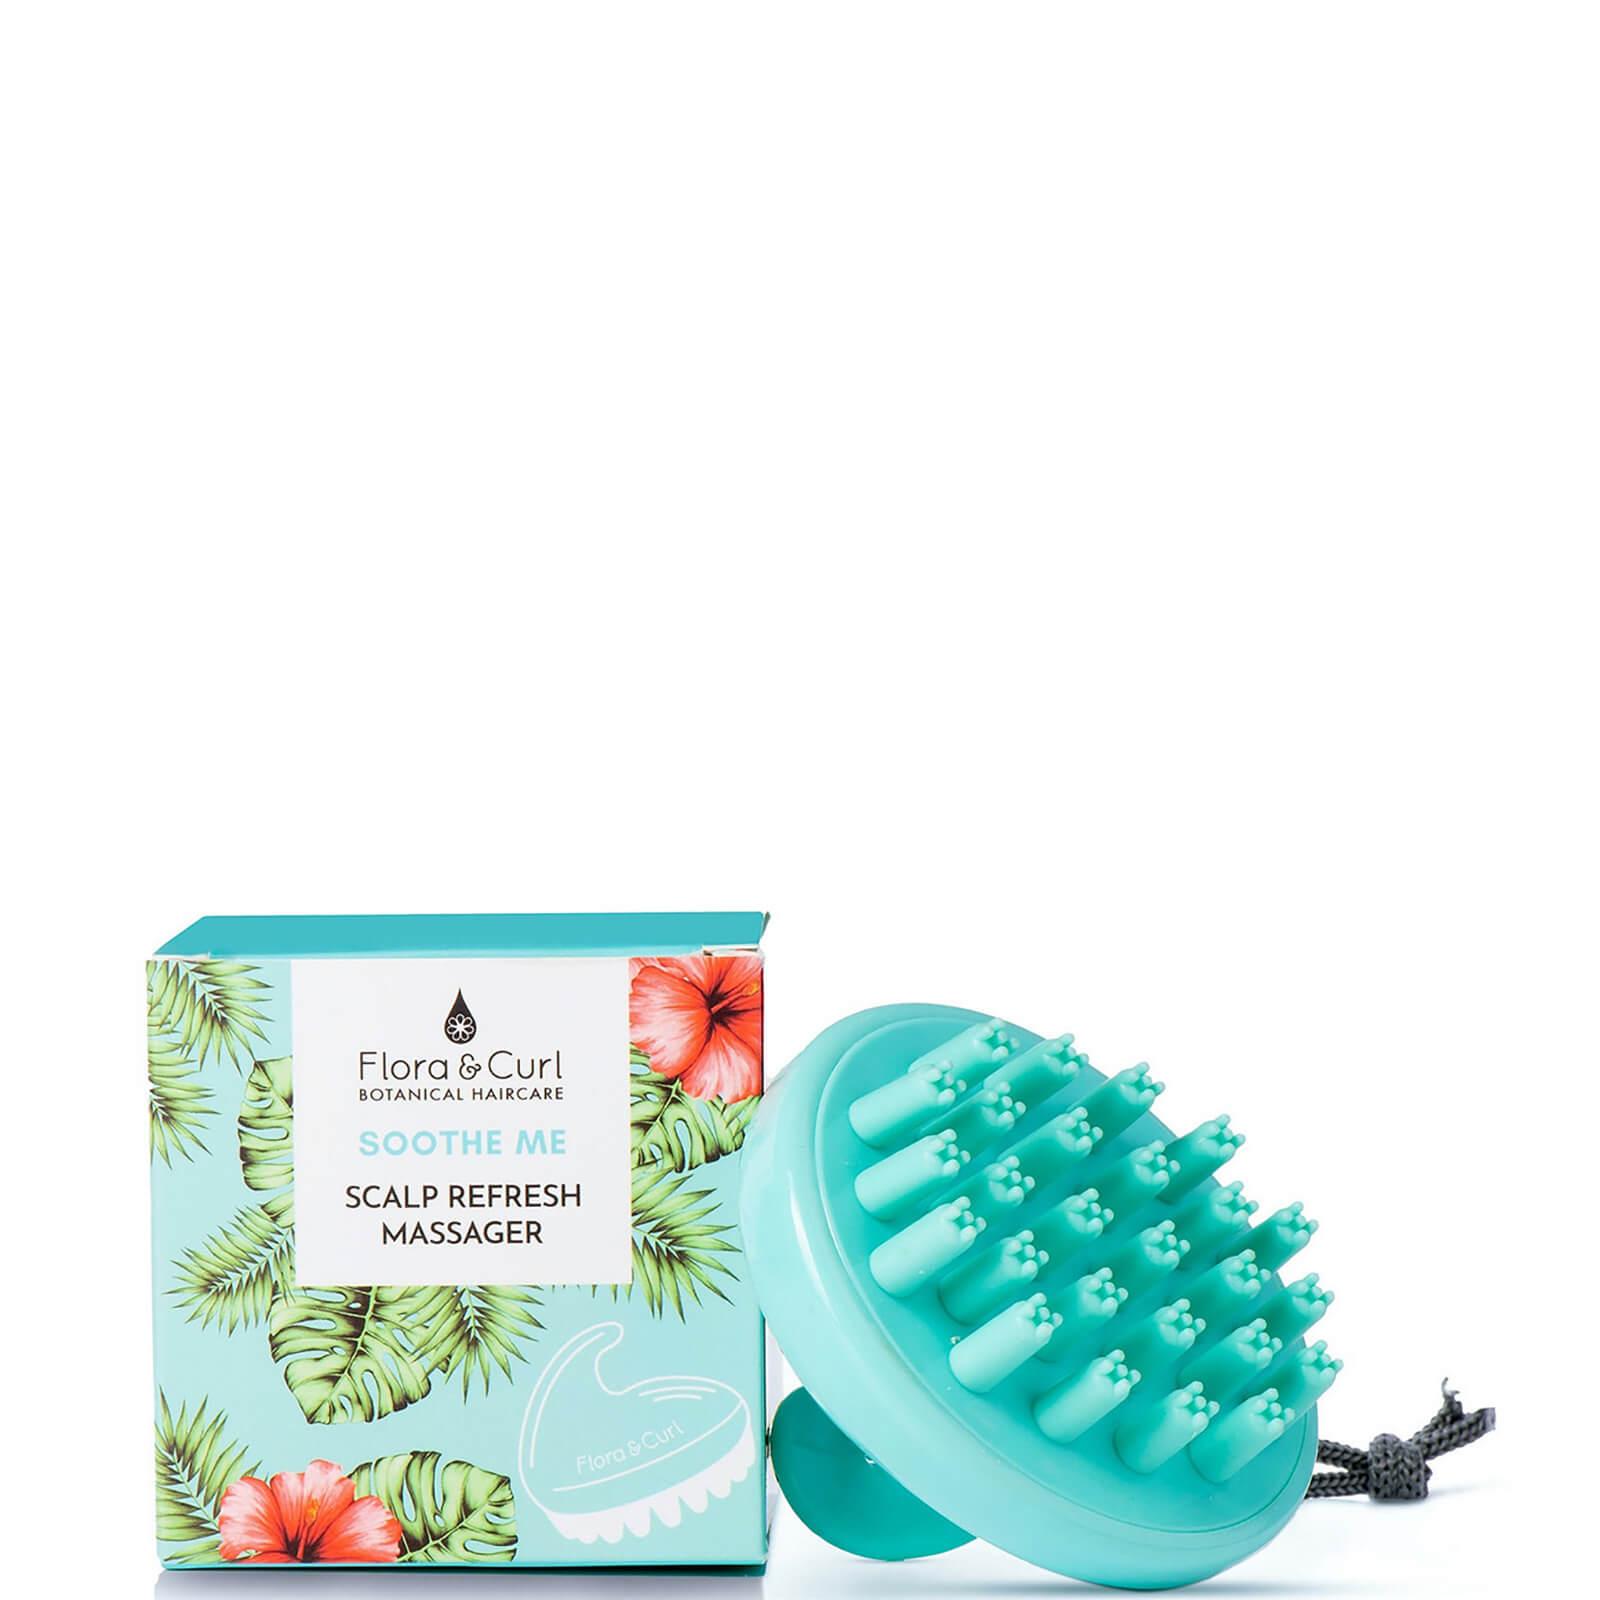 Купить Flora & Curl Scalp Refresh Massager